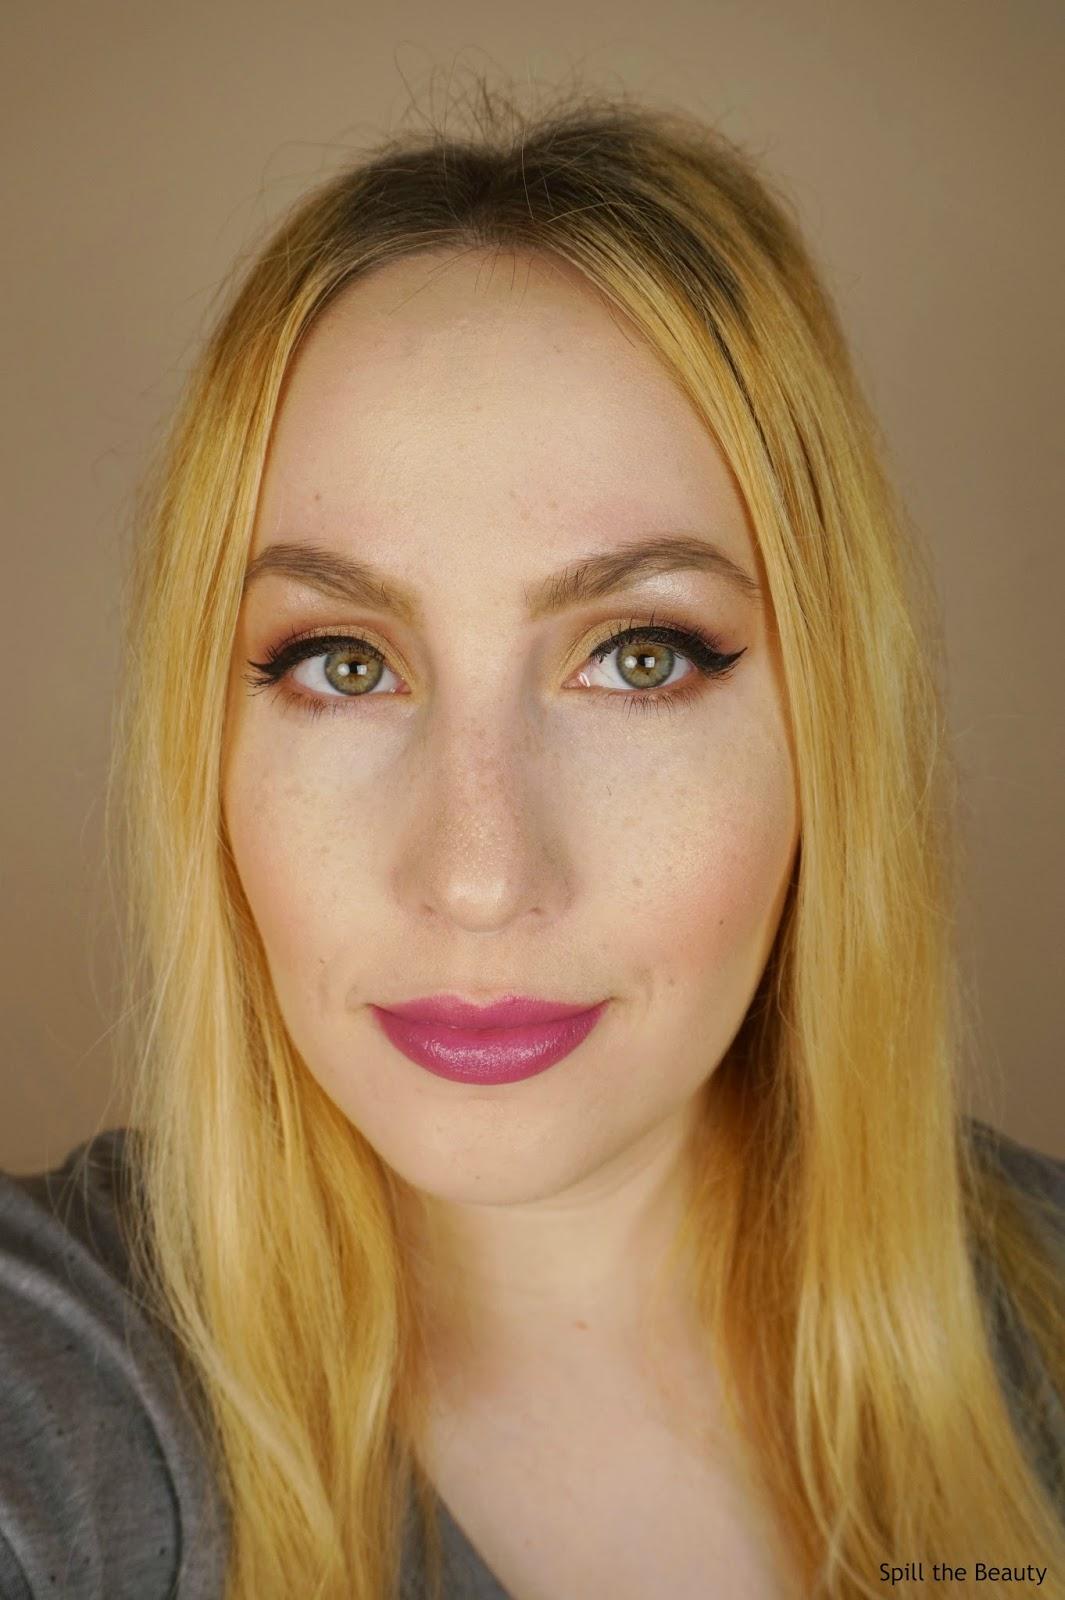 clinique pop grape pop swatches comparison dupe revlon covergirl